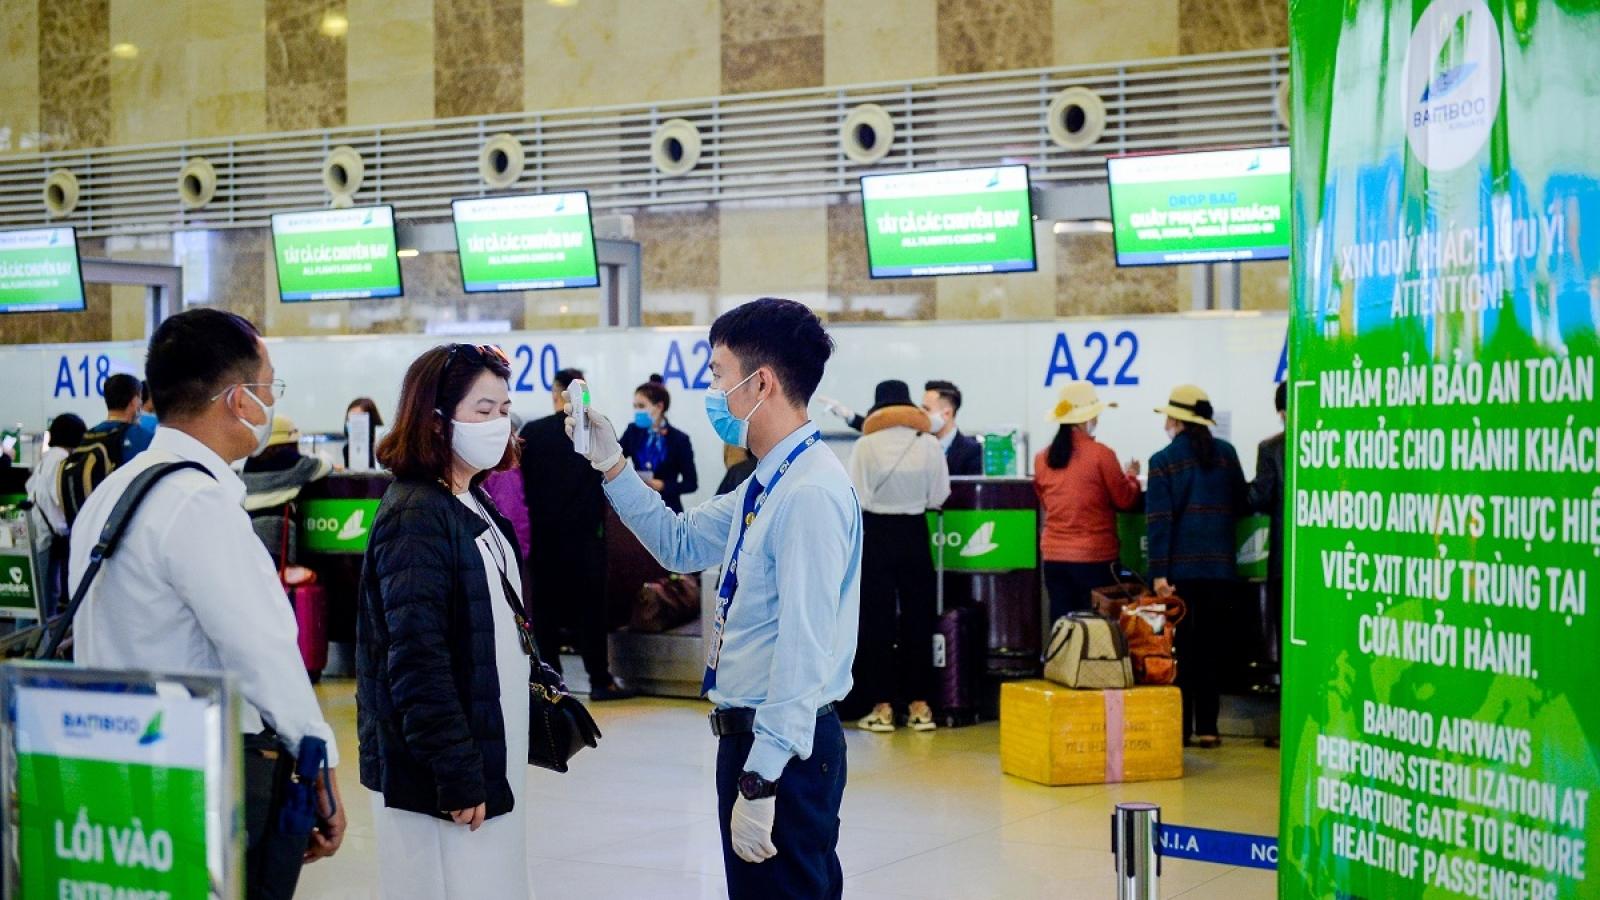 Hưởng lợi từ chính sách phòng dịch của Chính phủ, hành khách đổ xô mua vé bay giáp Tết